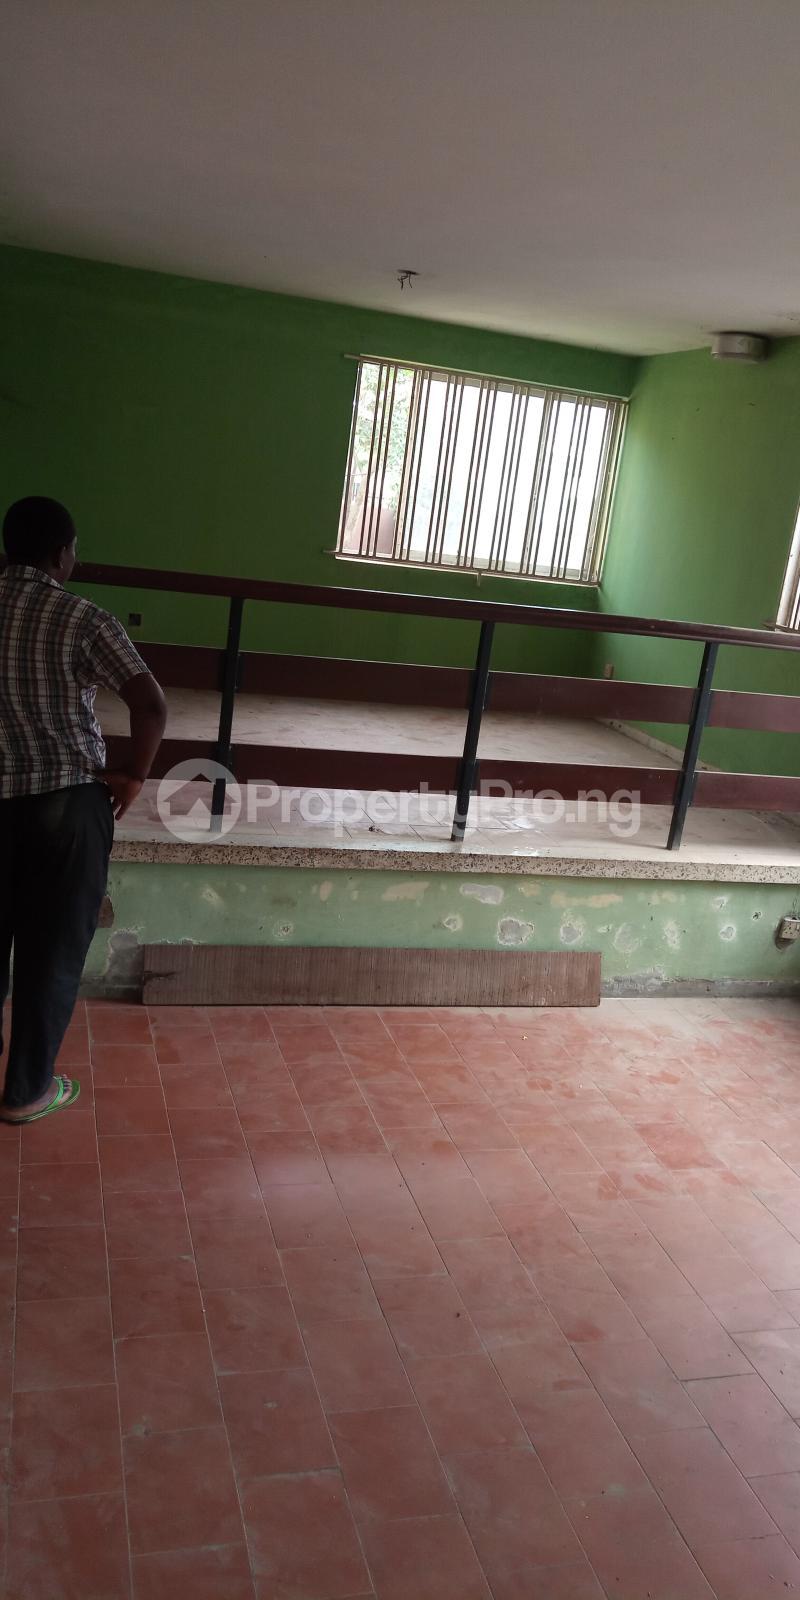 3 bedroom Detached Duplex for sale Agbara Estate Agbara Agbara-Igbesa Ogun - 1